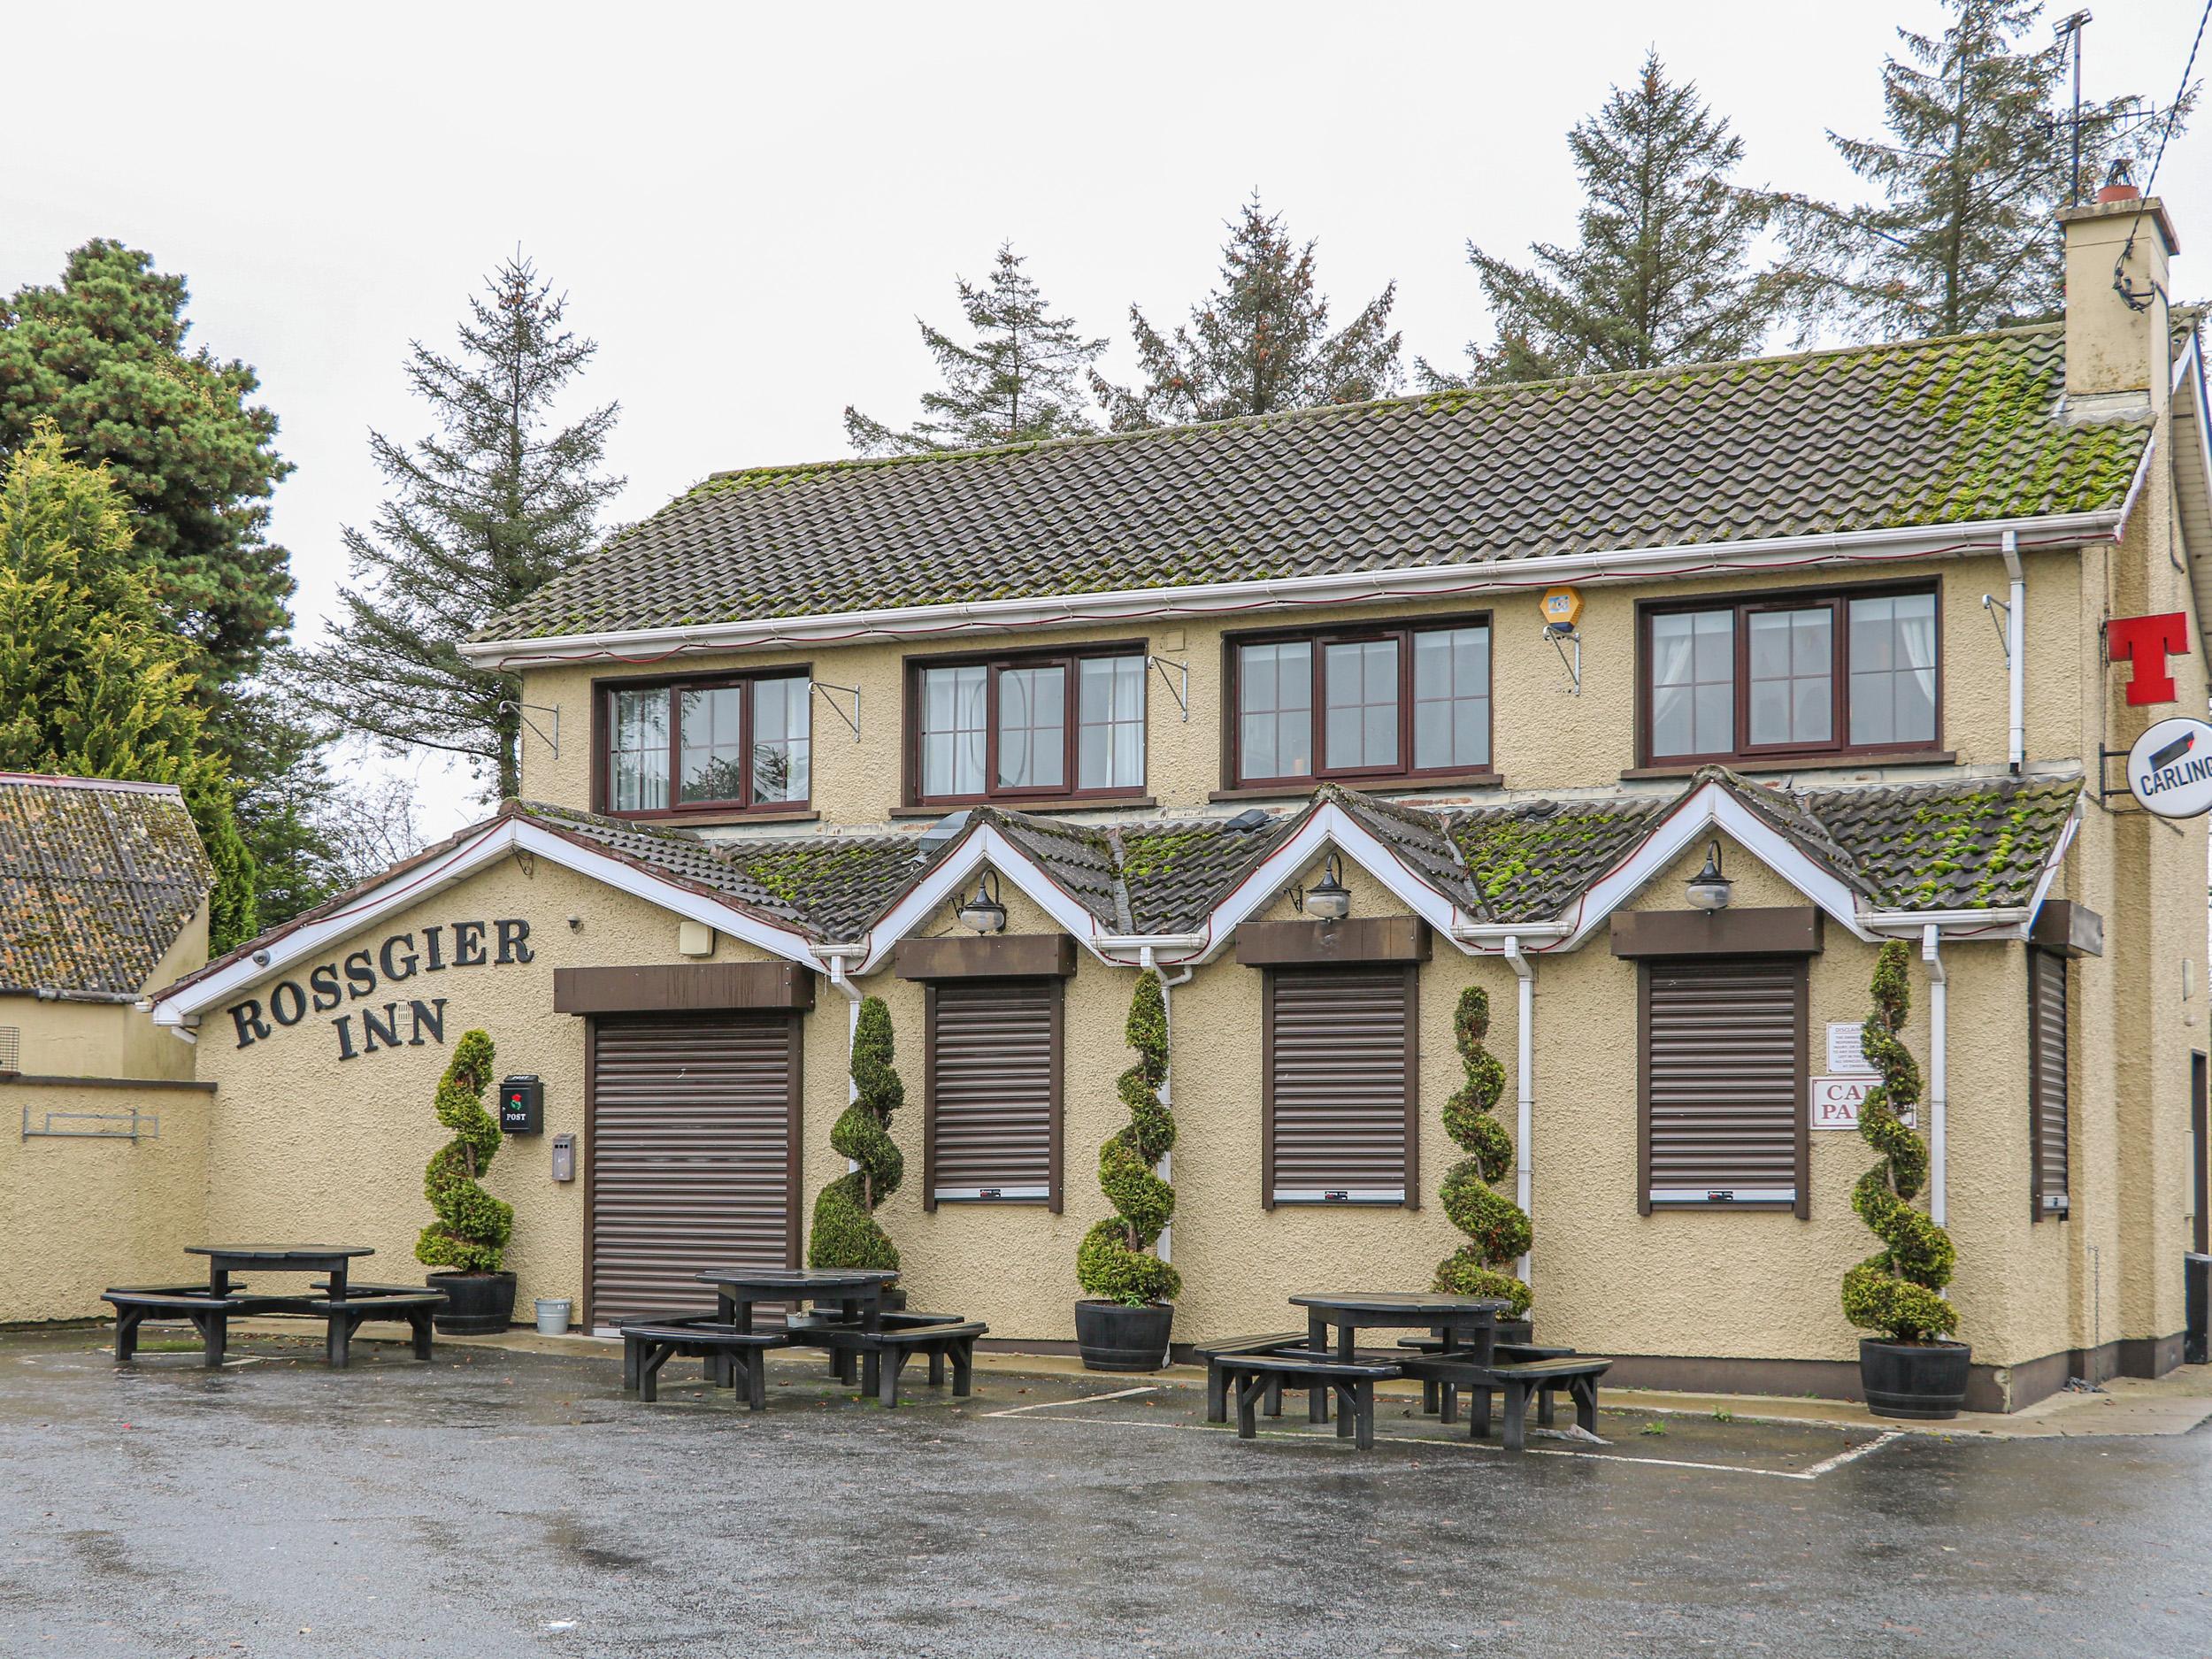 Rossgier Inn